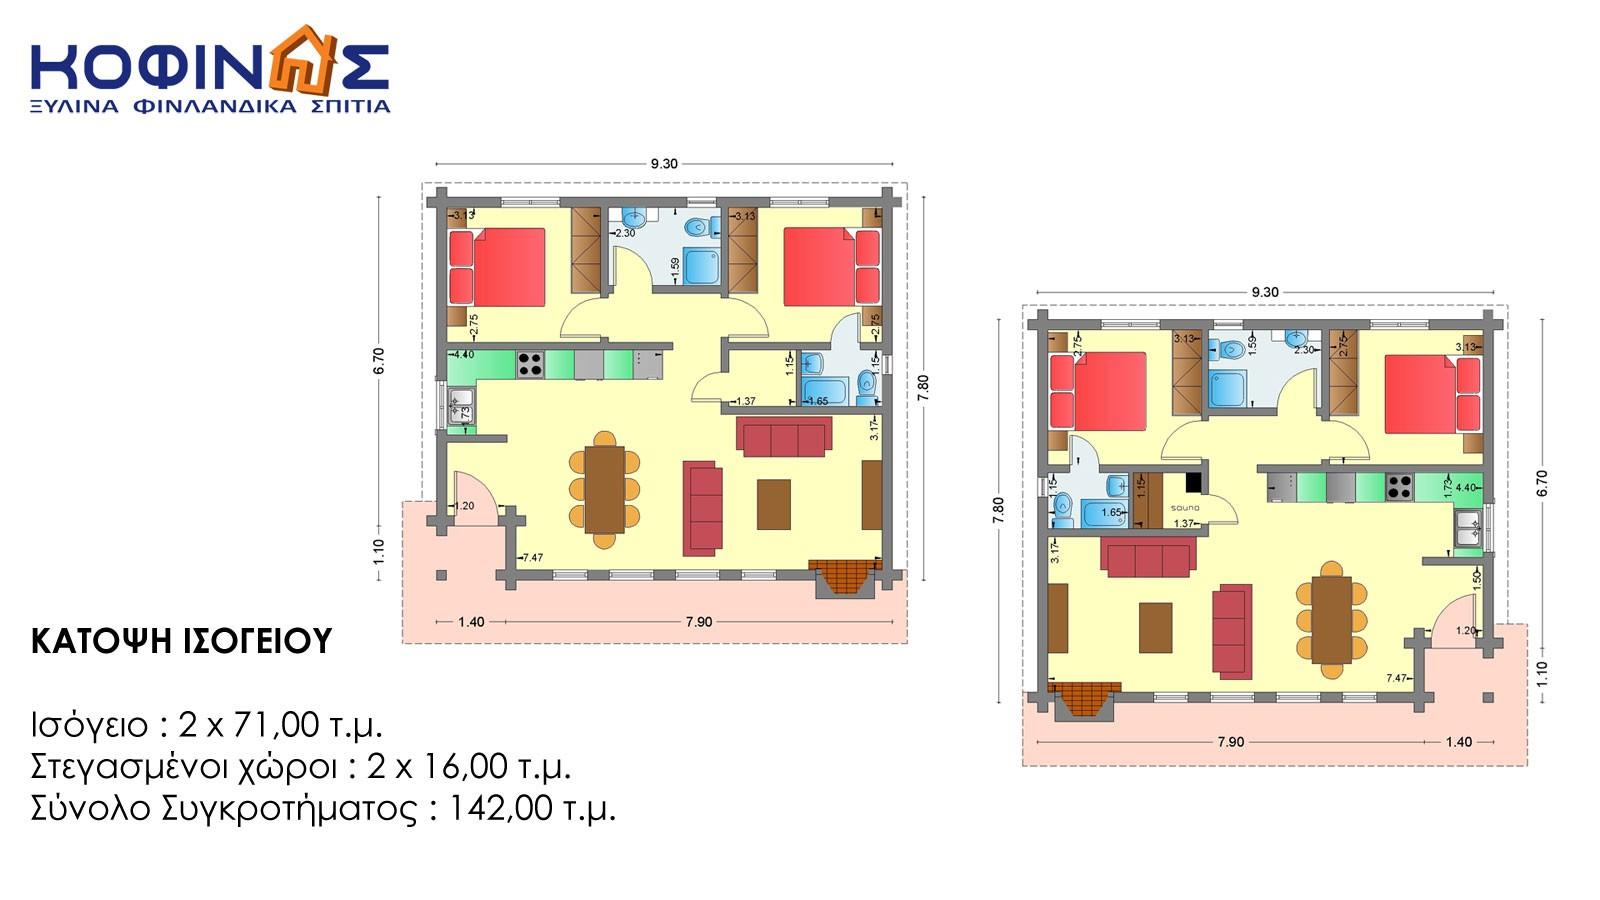 Συγκρότημα Ξύλινων Kατοικιών XI-71, συνολικής επιφάνειας 2 x 71,00 = 142,00 τ.μ.